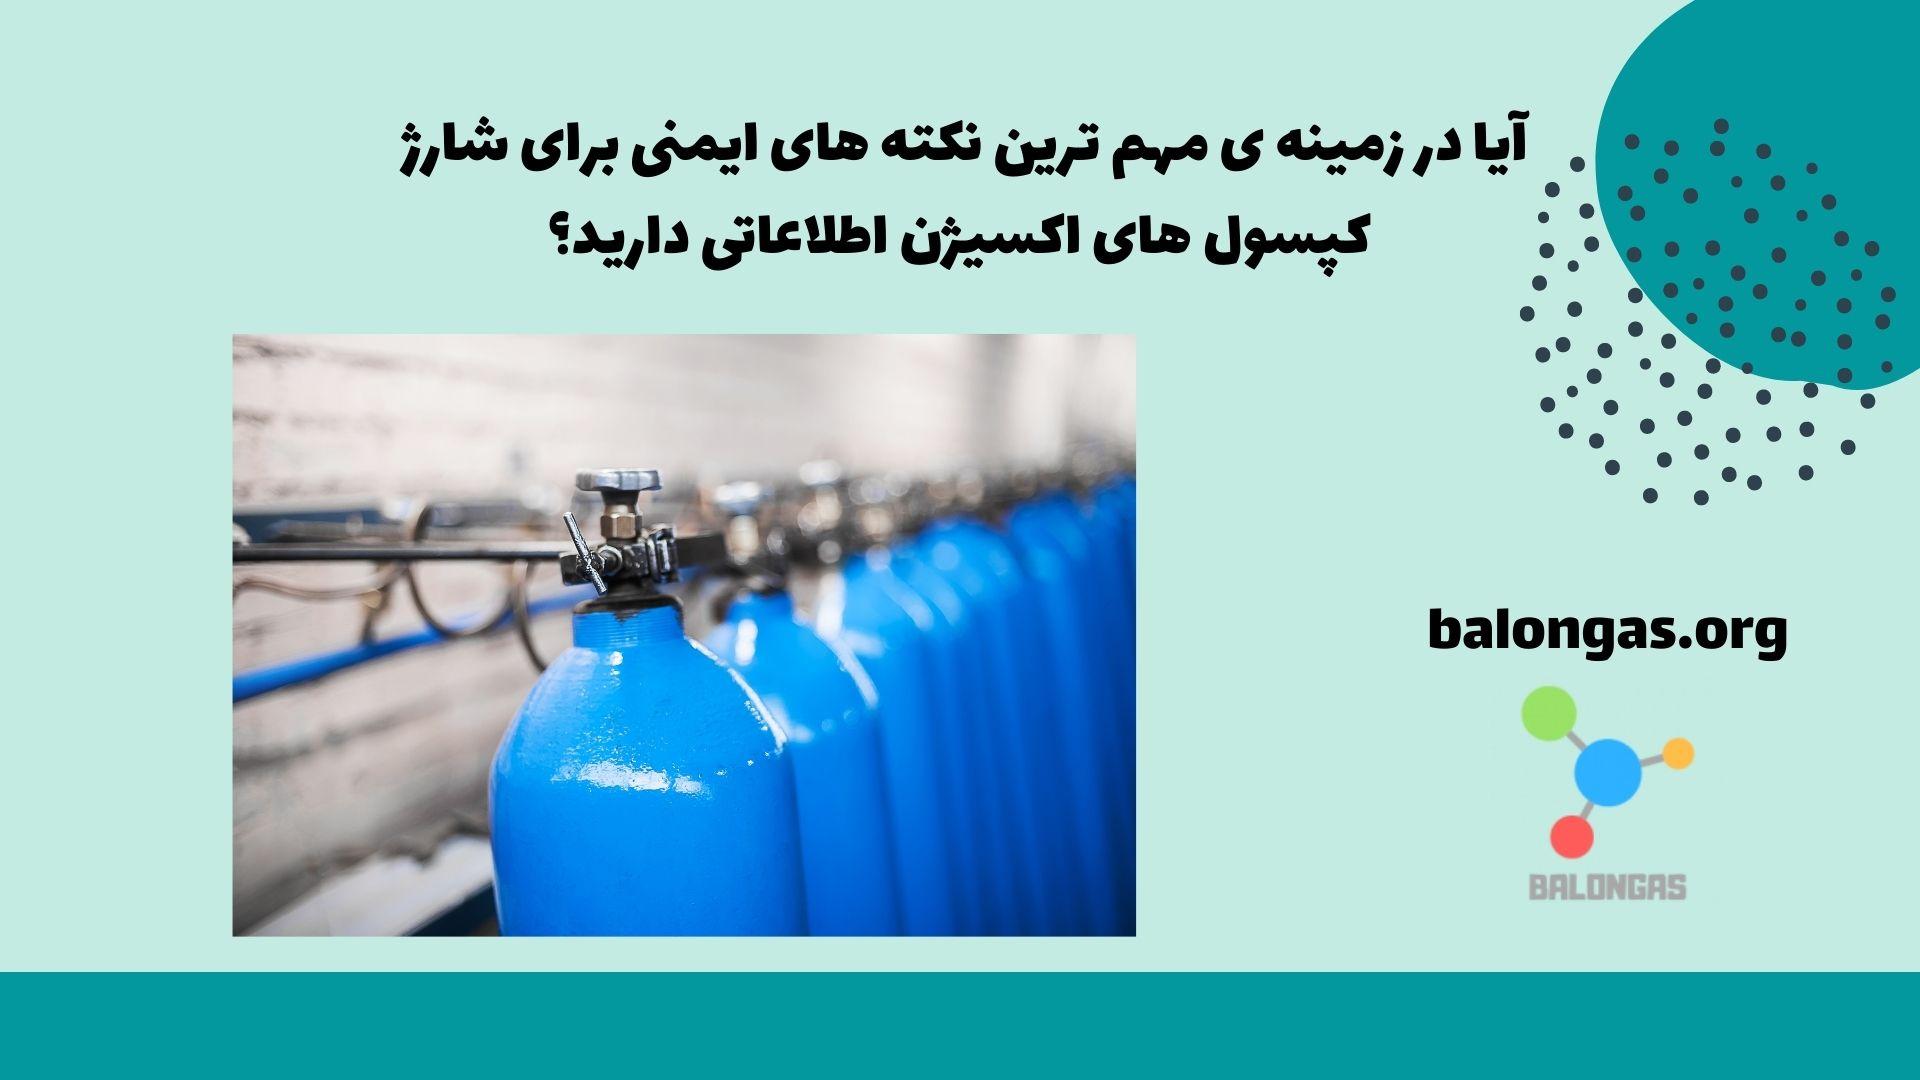 آیا در زمینه ی مهم ترین نکته های ایمنی برای شارژ کپسول های اکسیژن اطلاعاتی دارید؟